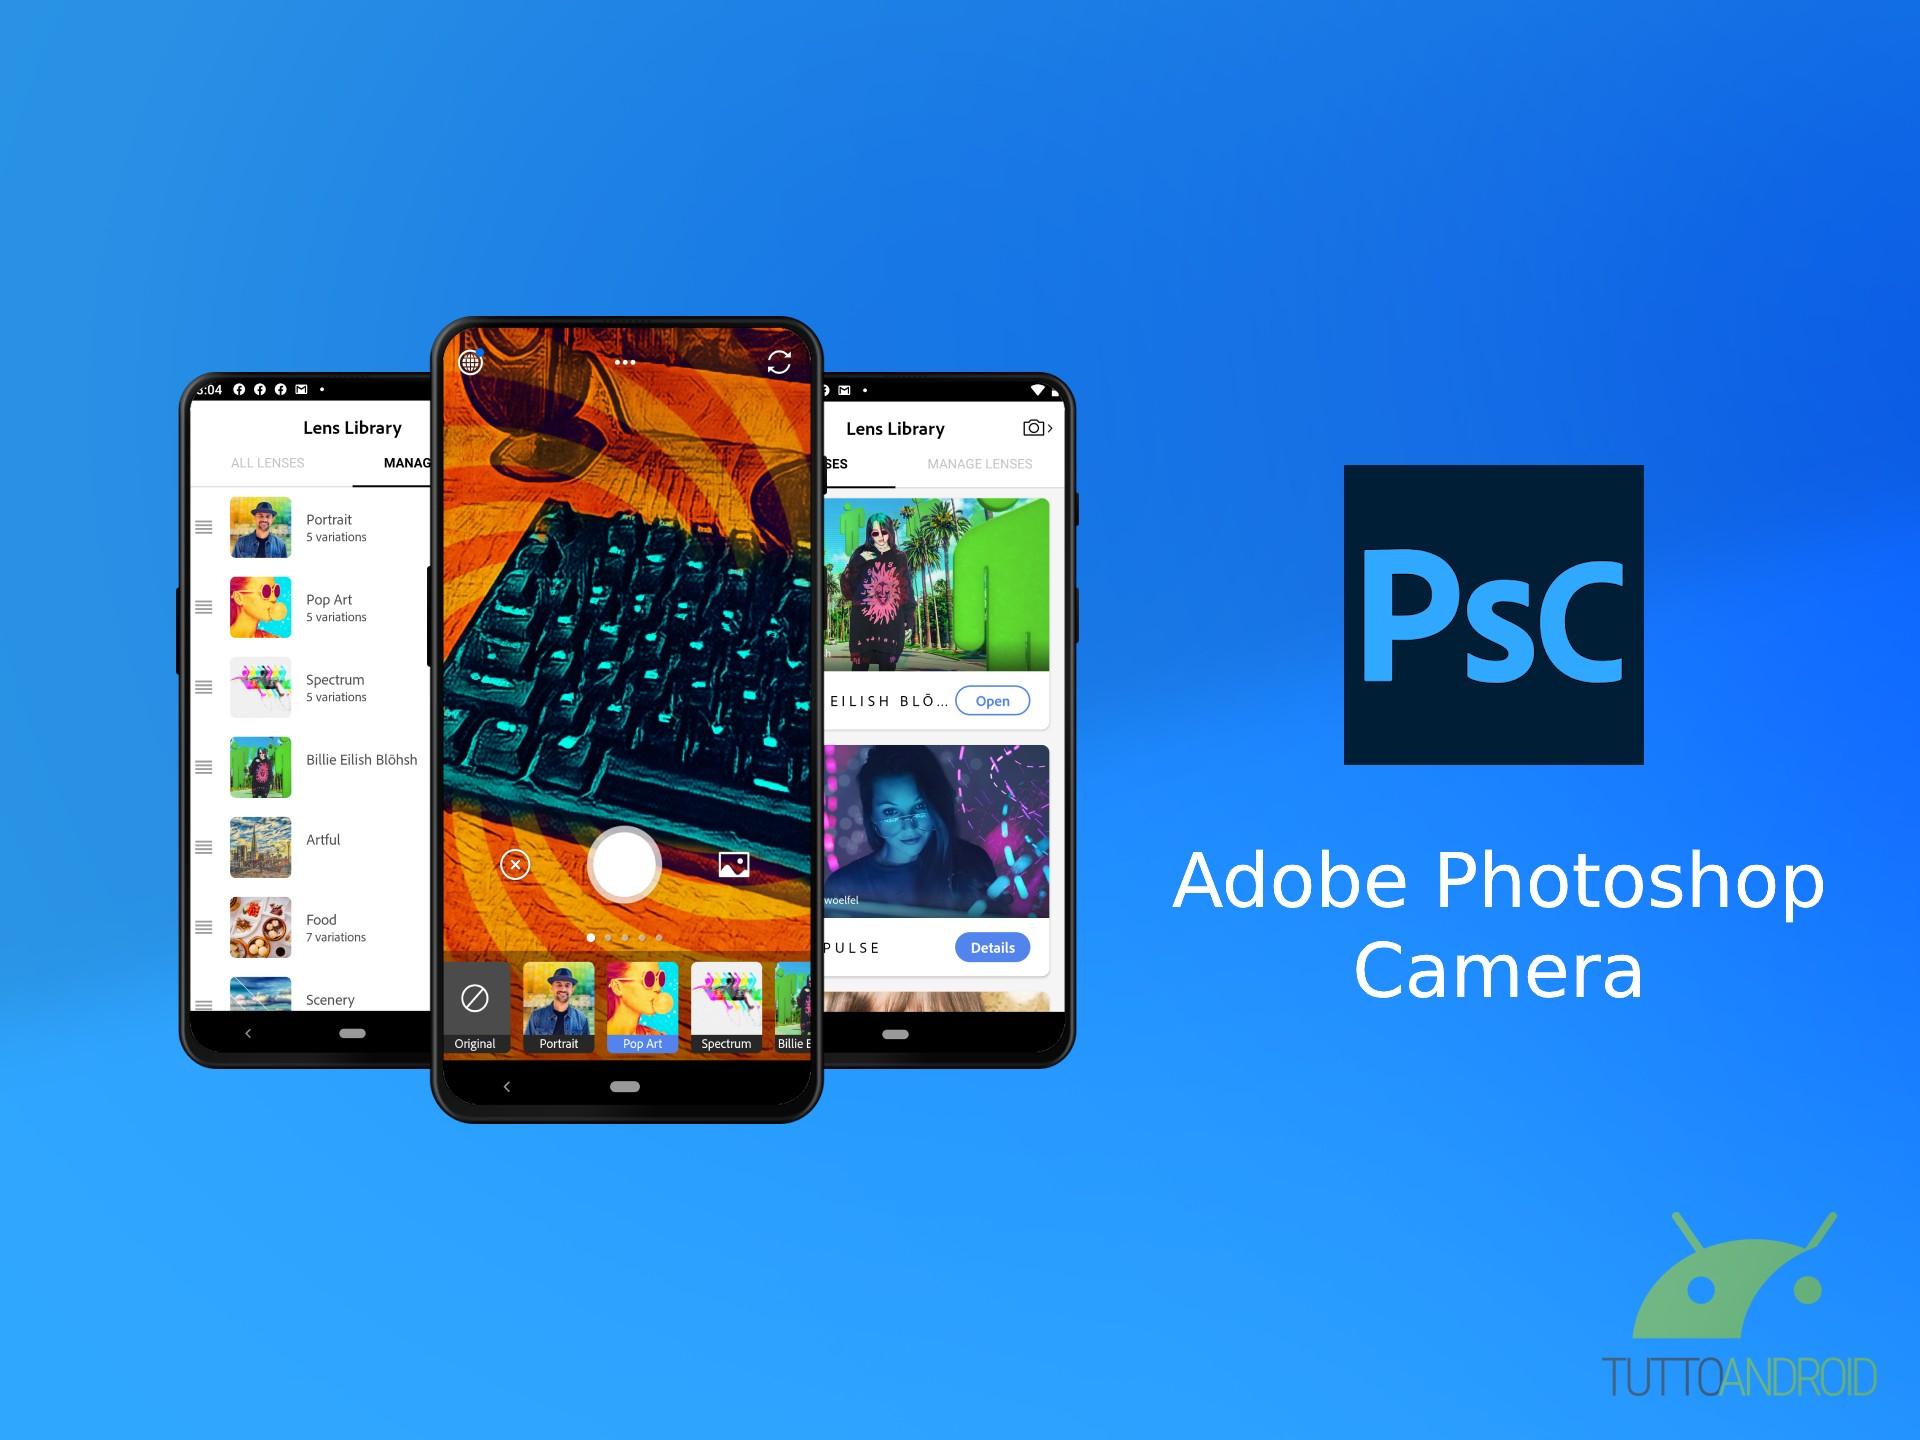 Photoshop Camera aggiunge funzionalità tradizionali, ma da tempo richieste